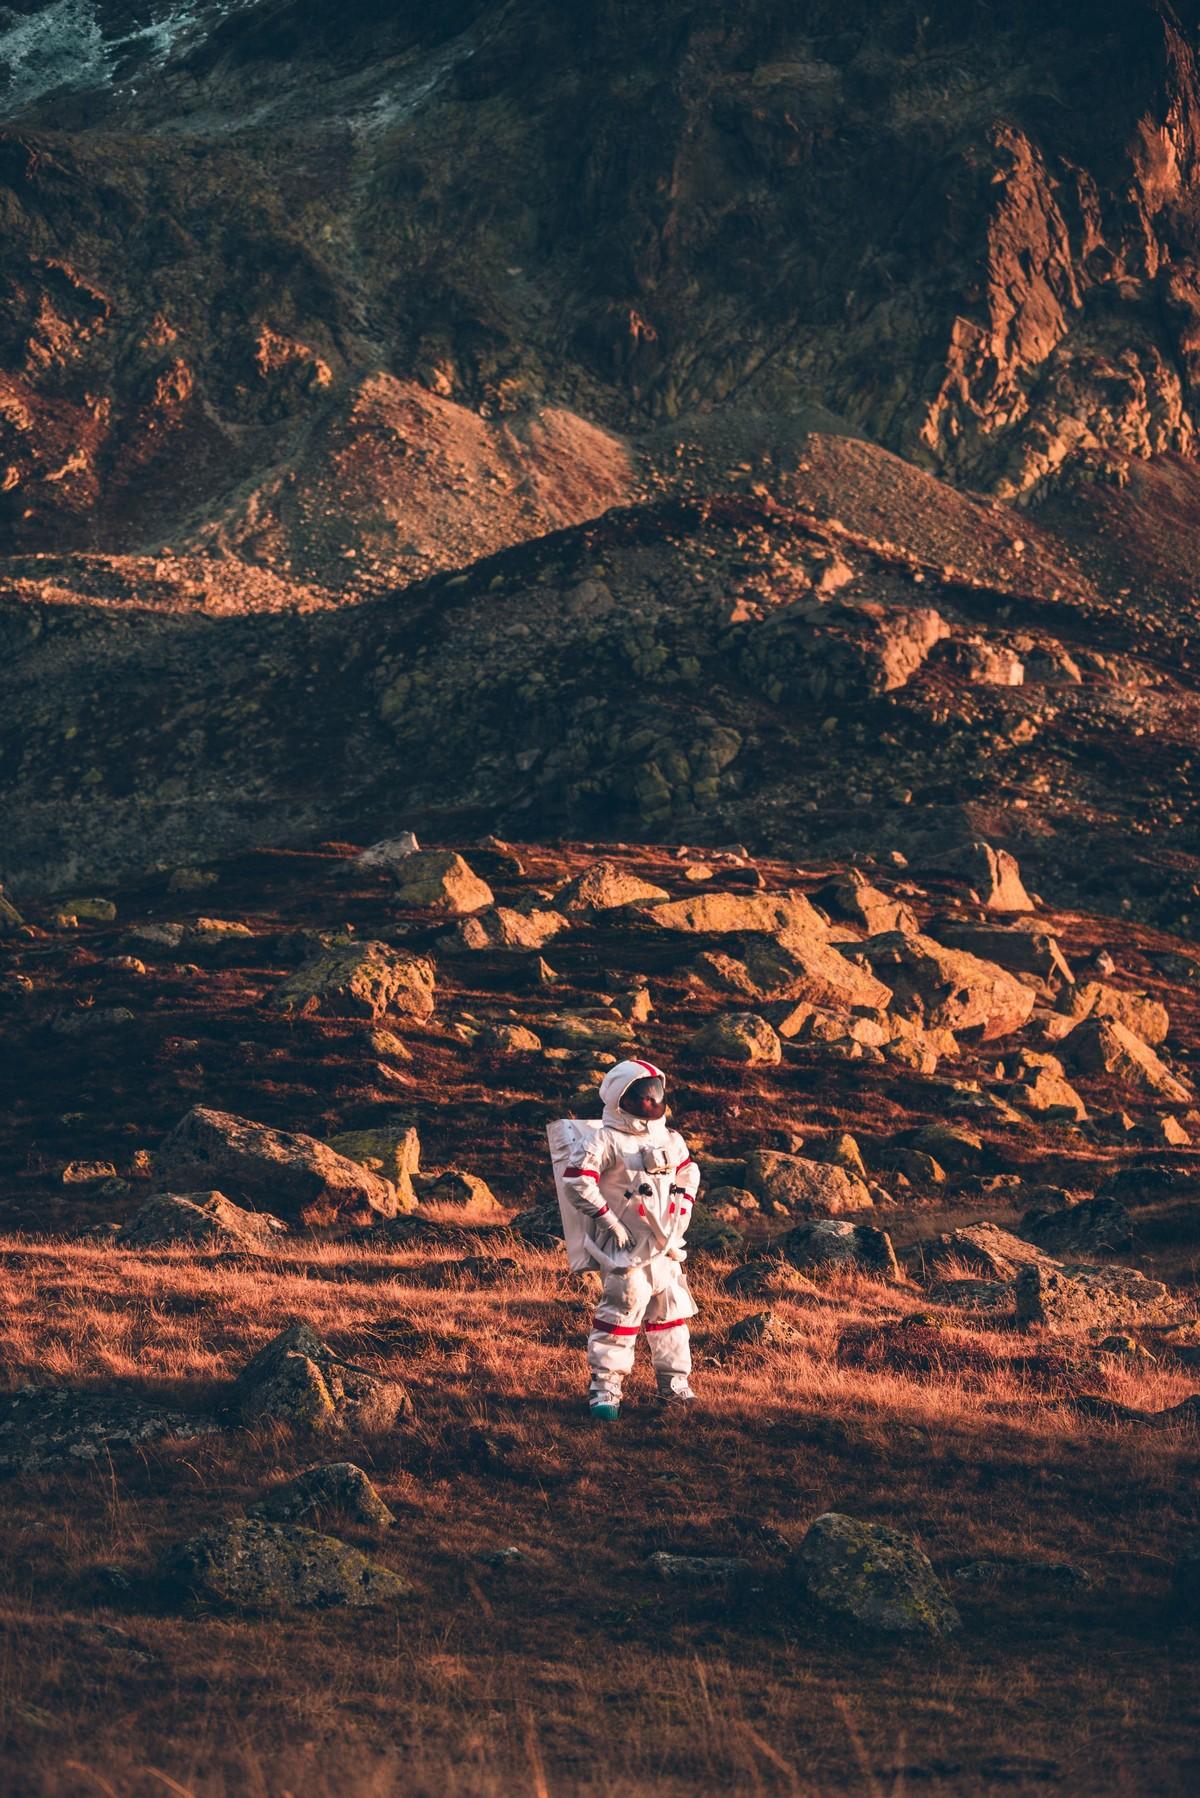 Космонавт, который ищет пригодную для жизни планету